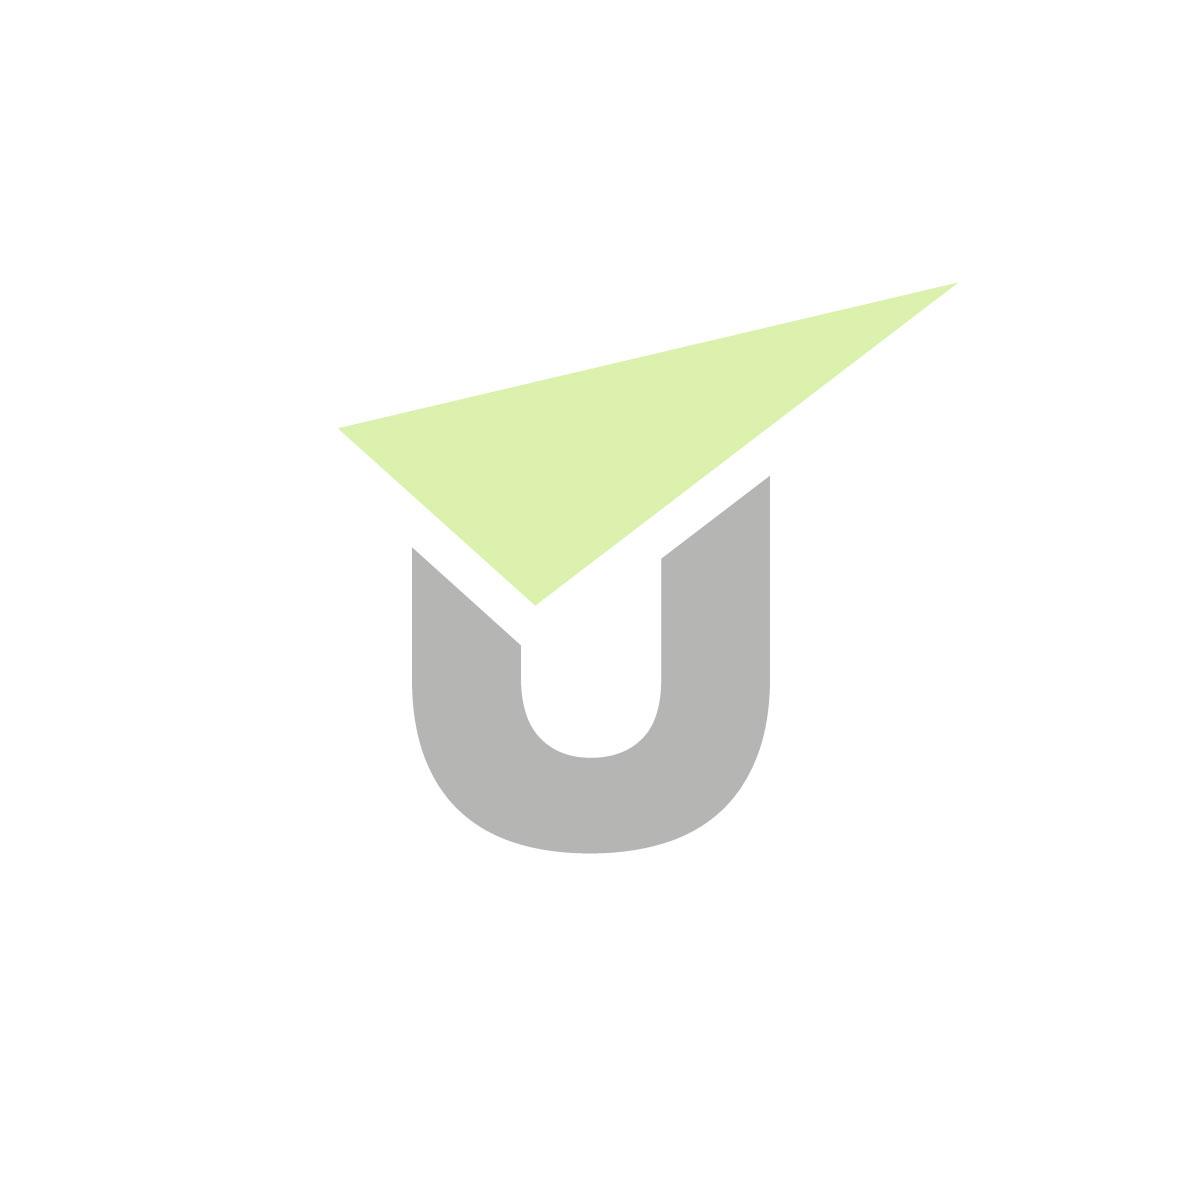 Bicicleta sin pedales SPRING BIKE como producto recomendado